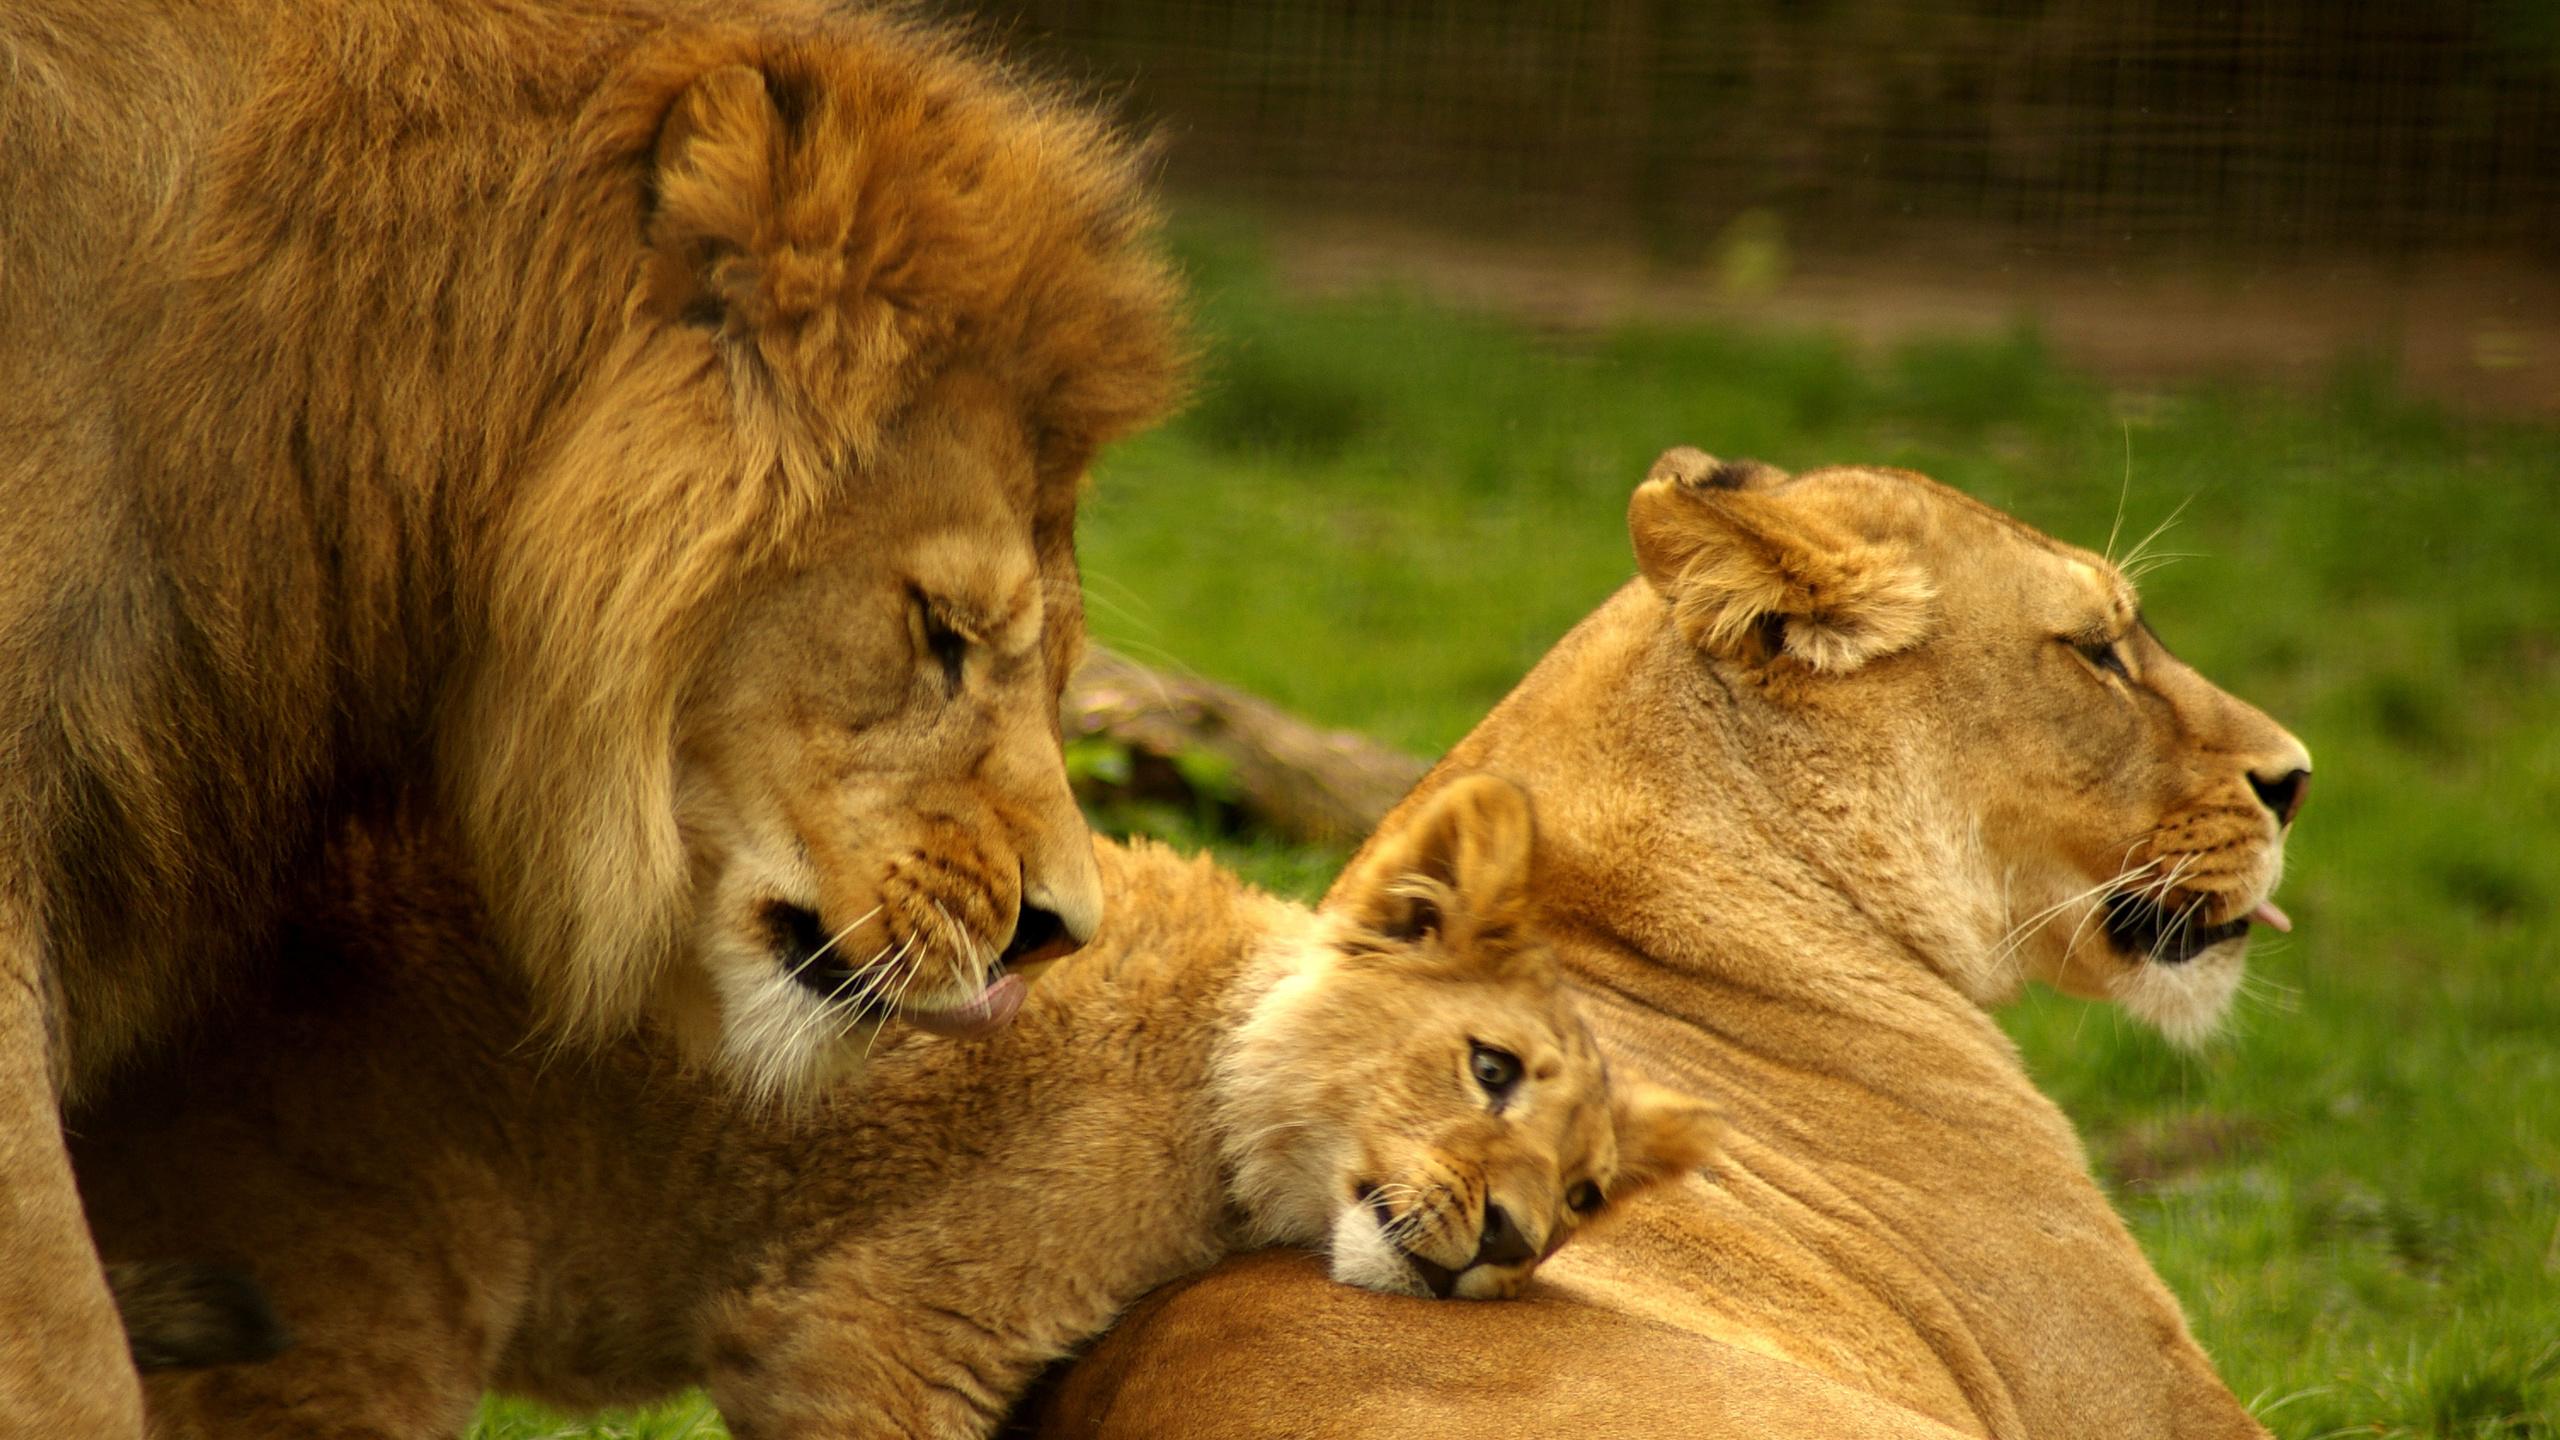 Дивана комнате, смотреть картинки любовь животных